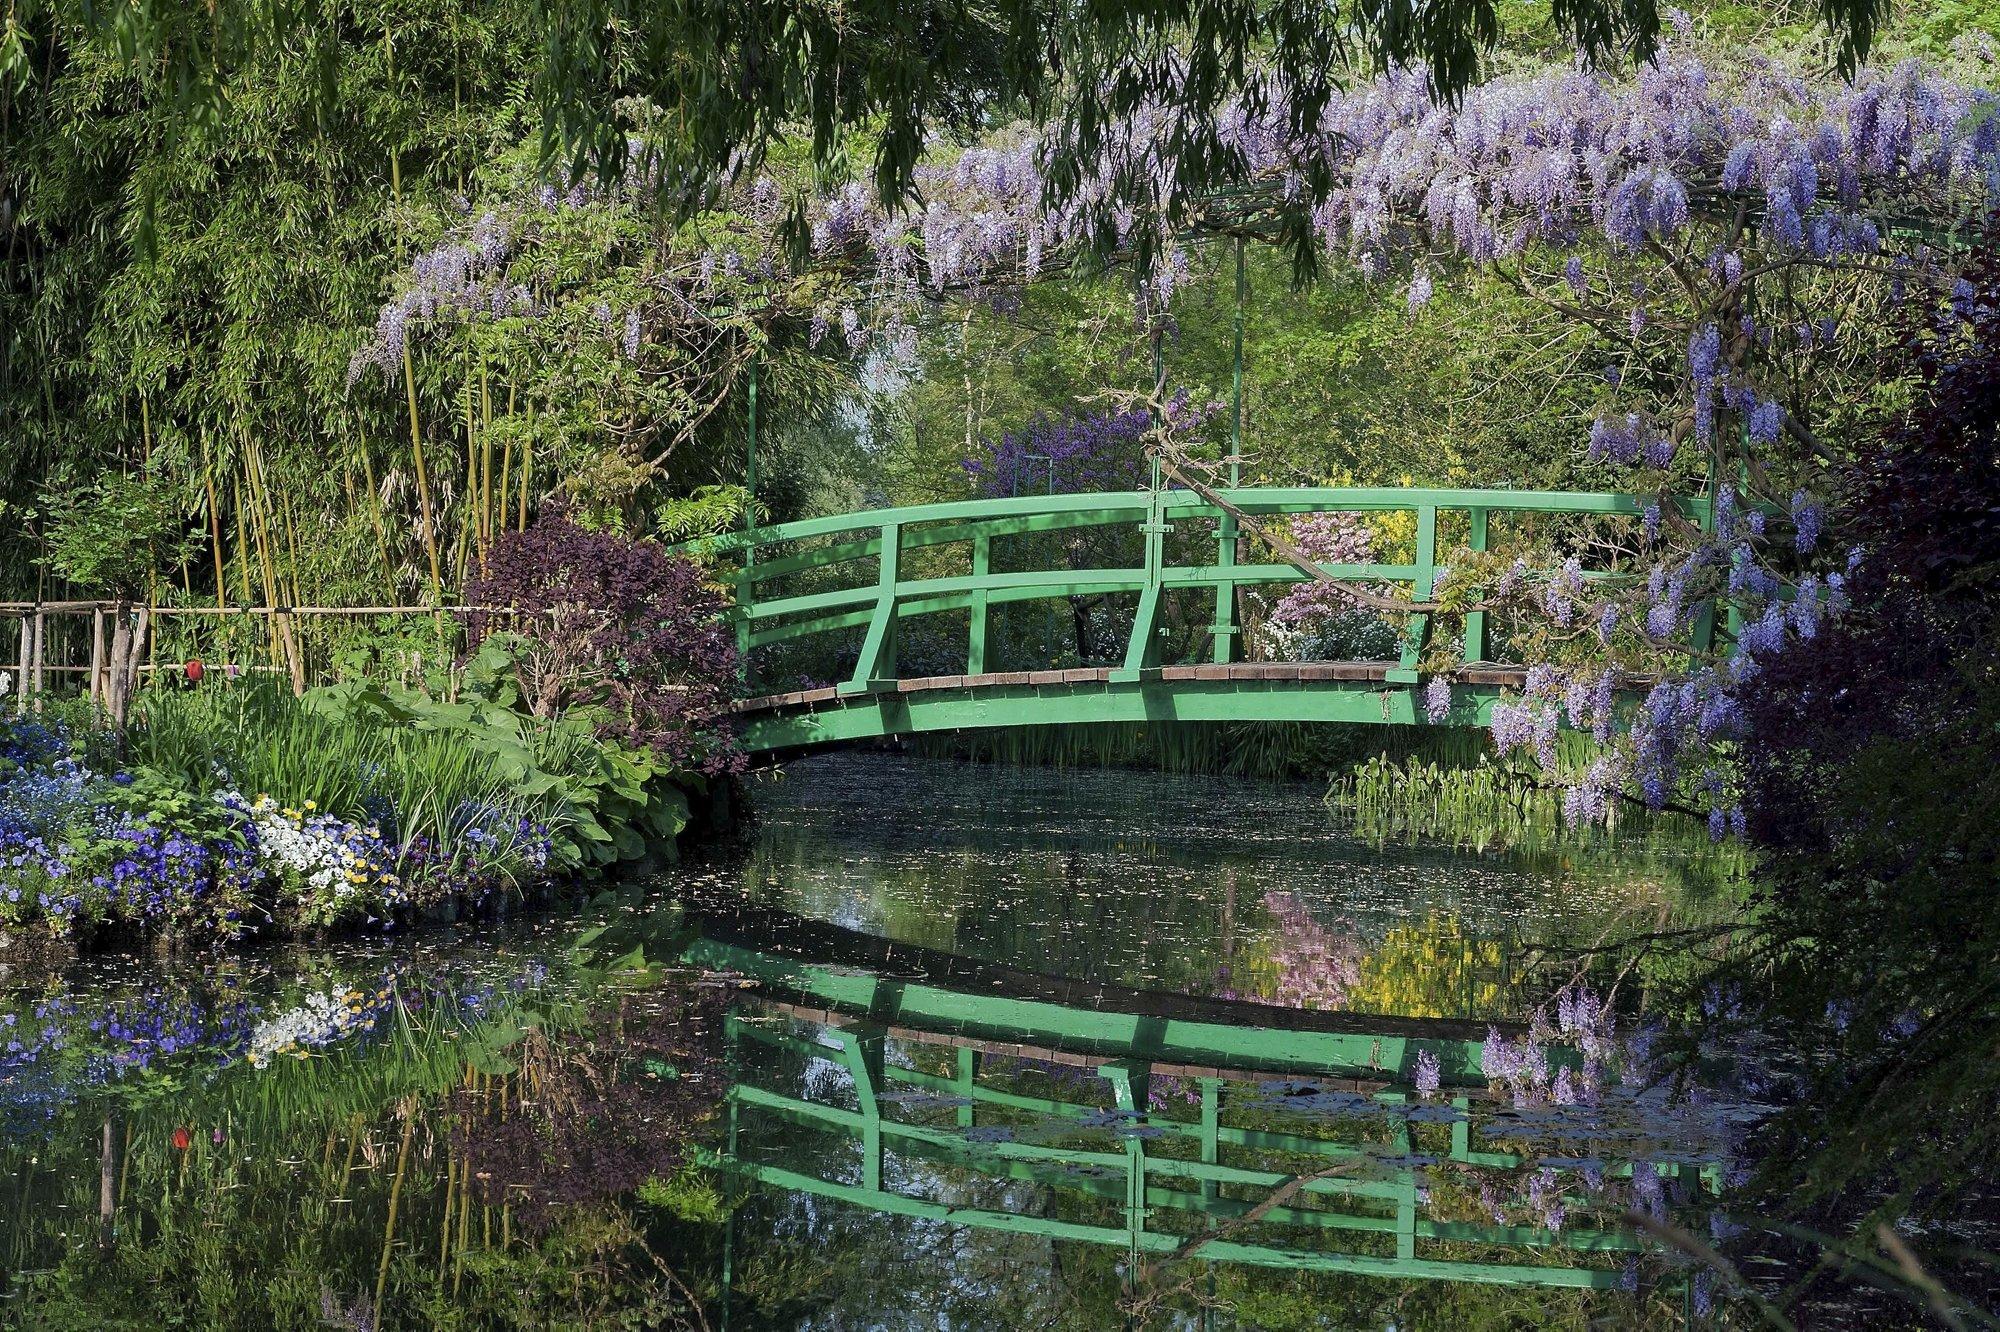 Giverny sur les pas de monet d tours en france for Image de jardin a imprimer